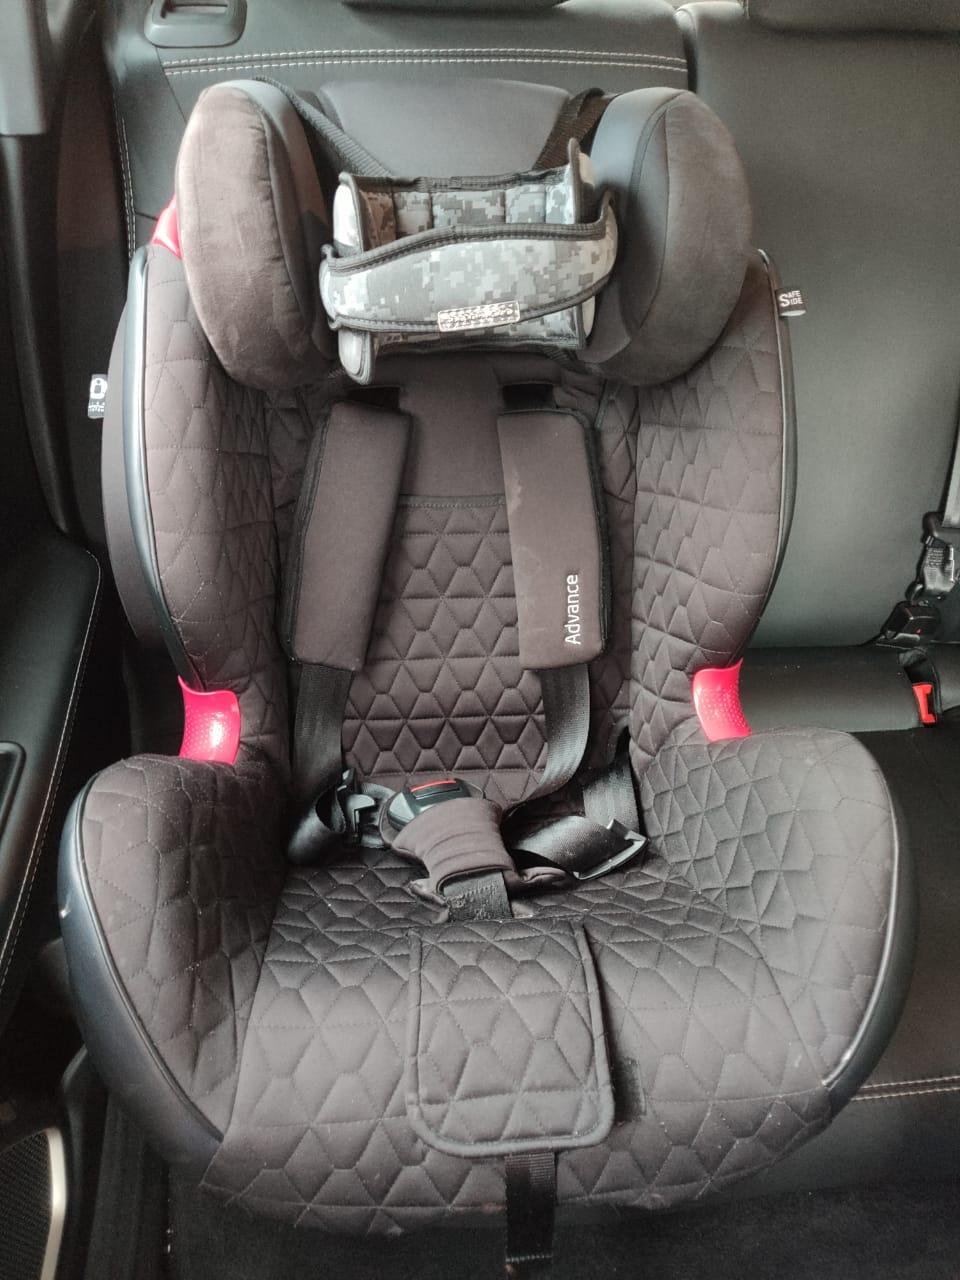 Apoio Protetor de Cabeça - Cadeirinha do bebê